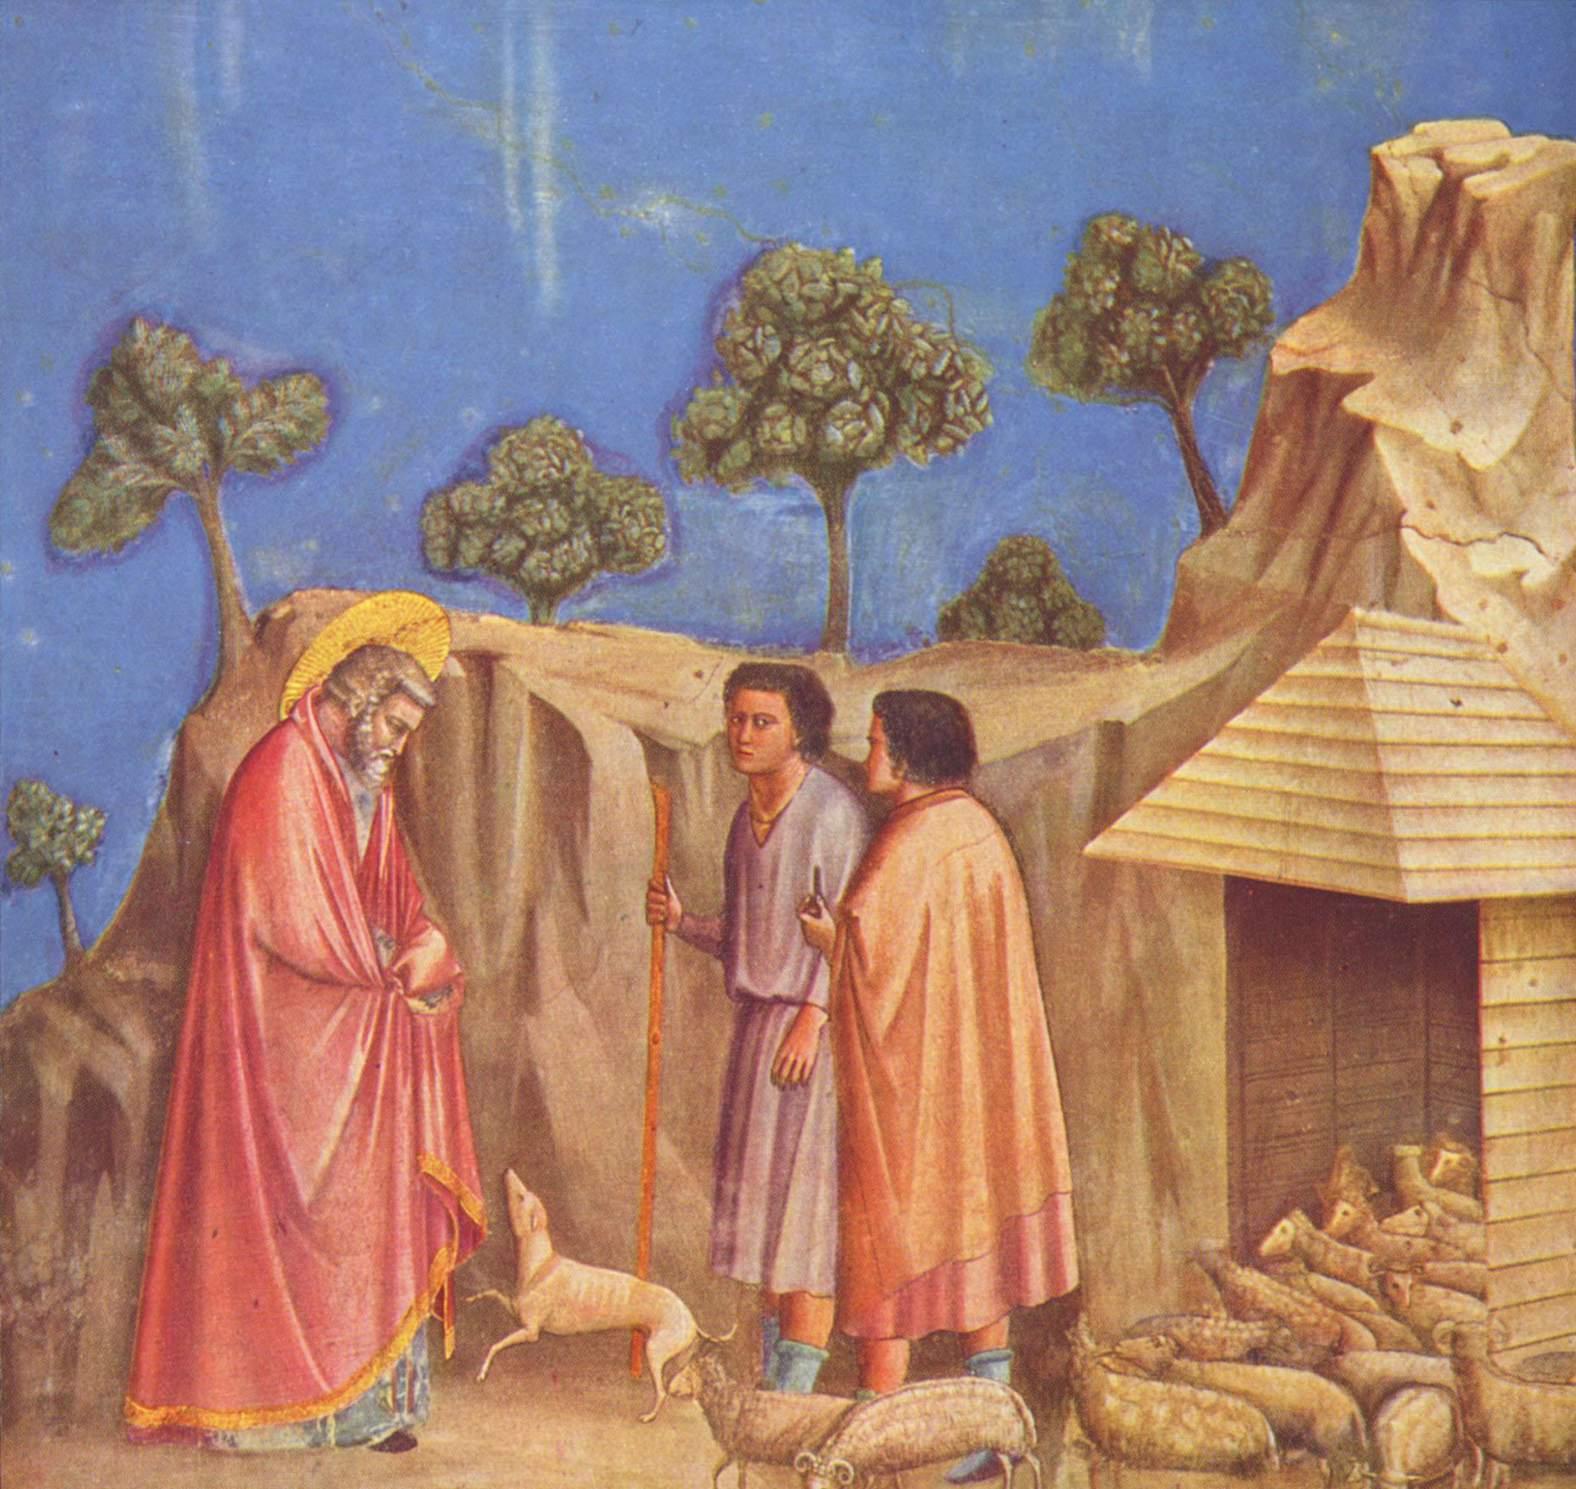 Цикл фресок капеллы Арена [10] в Падуе (капелла Скровеньи). Поклонение волхвов. Фрагмент, Джотто ди Бондоне